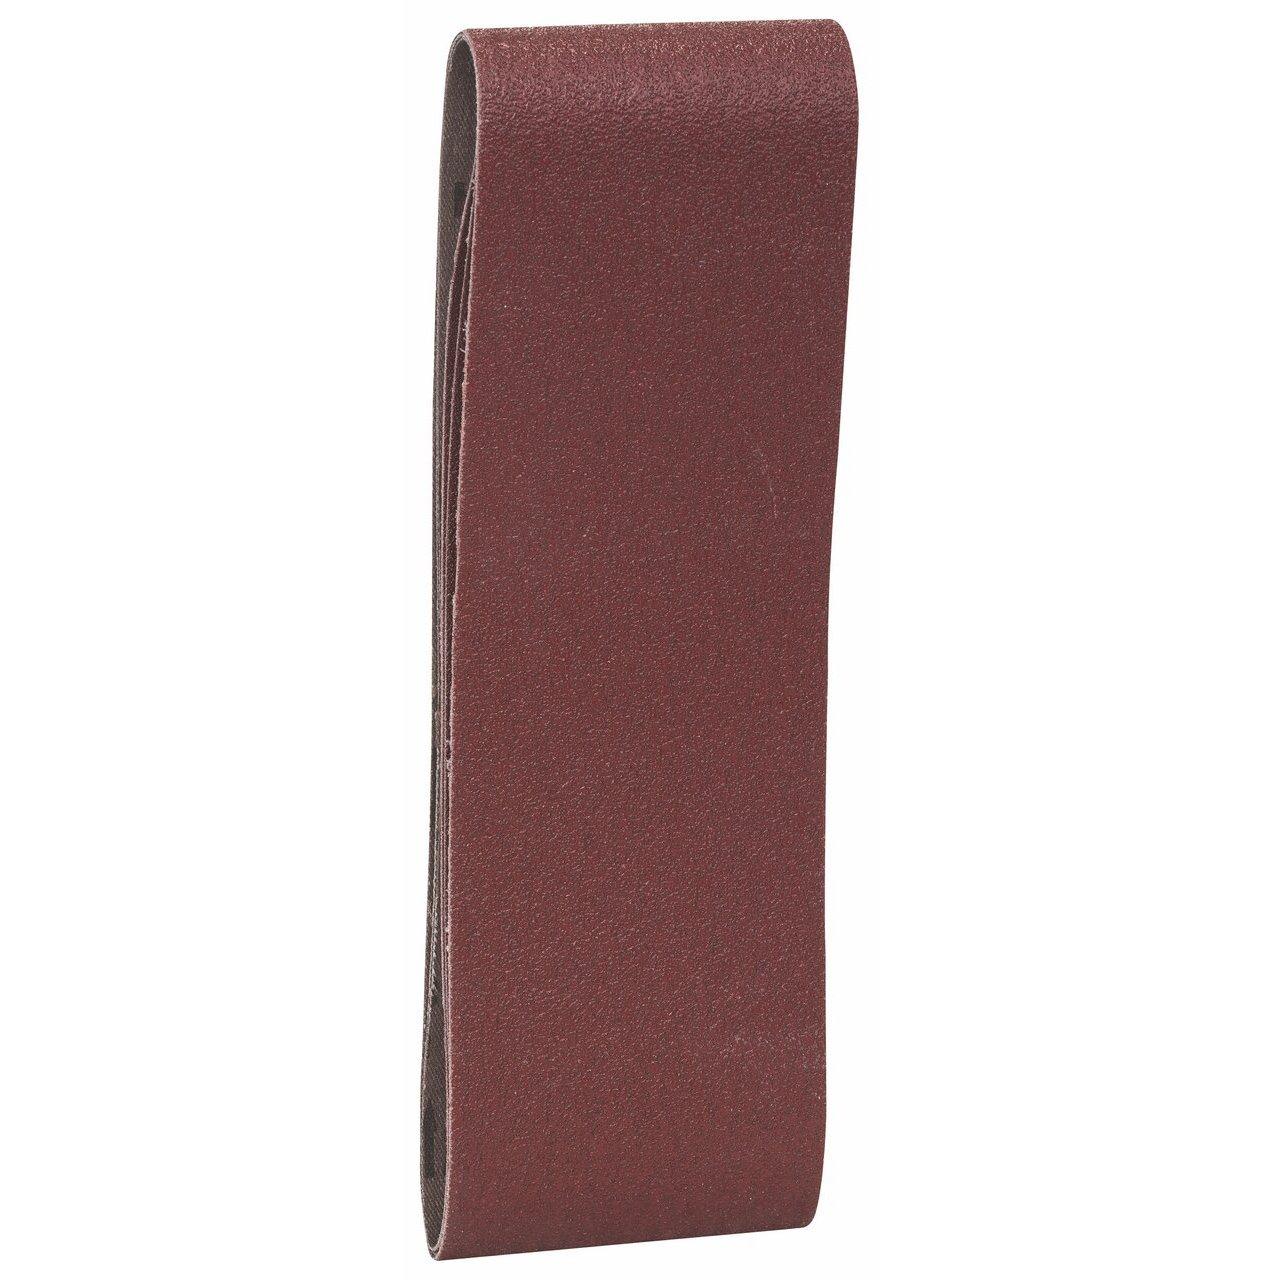 Bande Abrasive X440 pour Ponceuses 508mm x 75mm 60//80//100 Grain Lot de 3